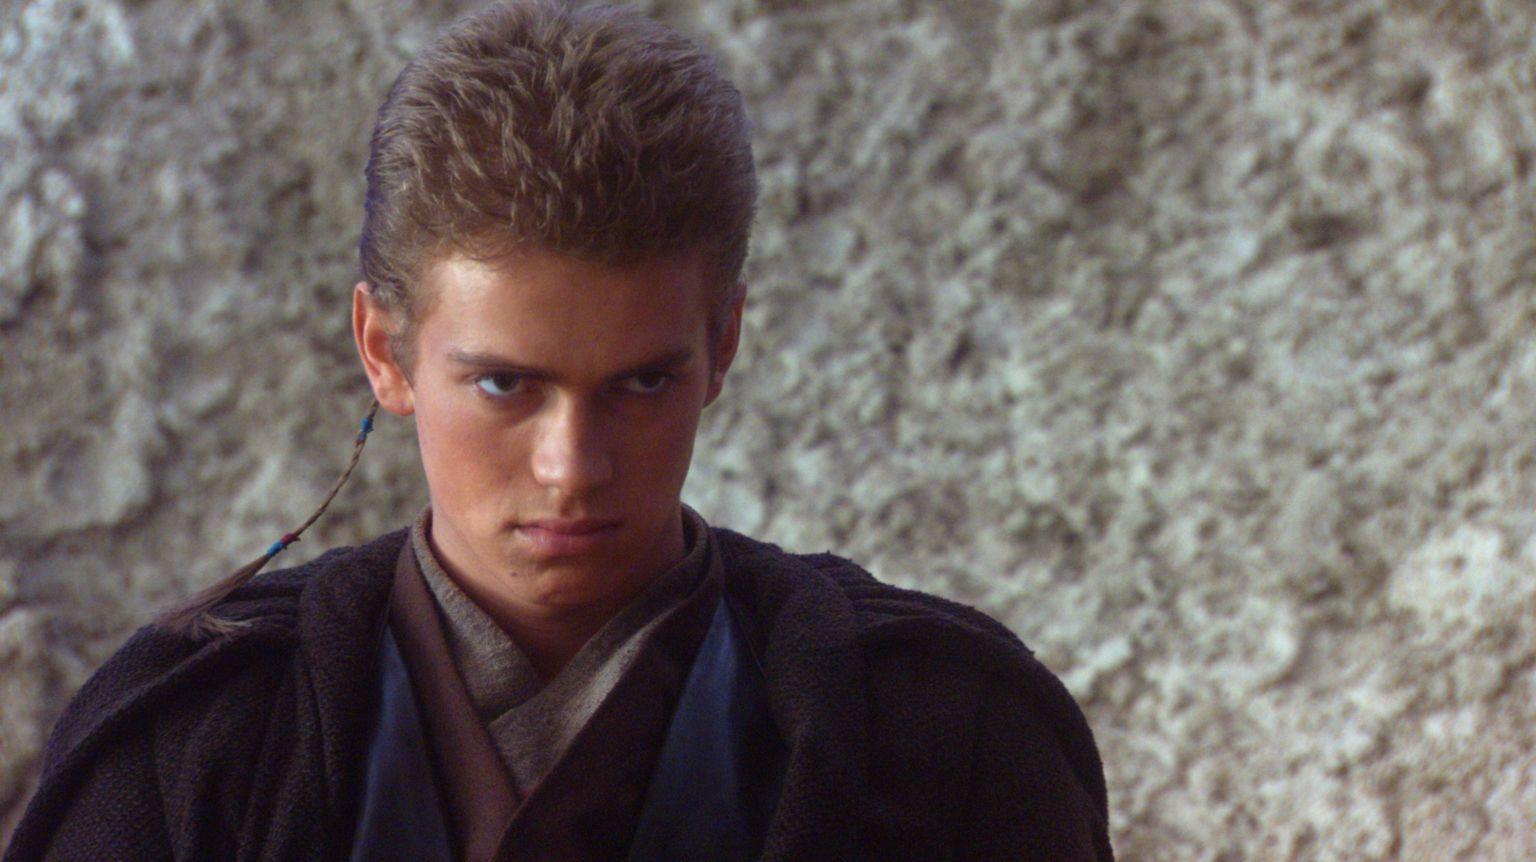 Az idősebb Anakin Skywalkert játszó Hayden Christensen alakítását sokan kritizálták